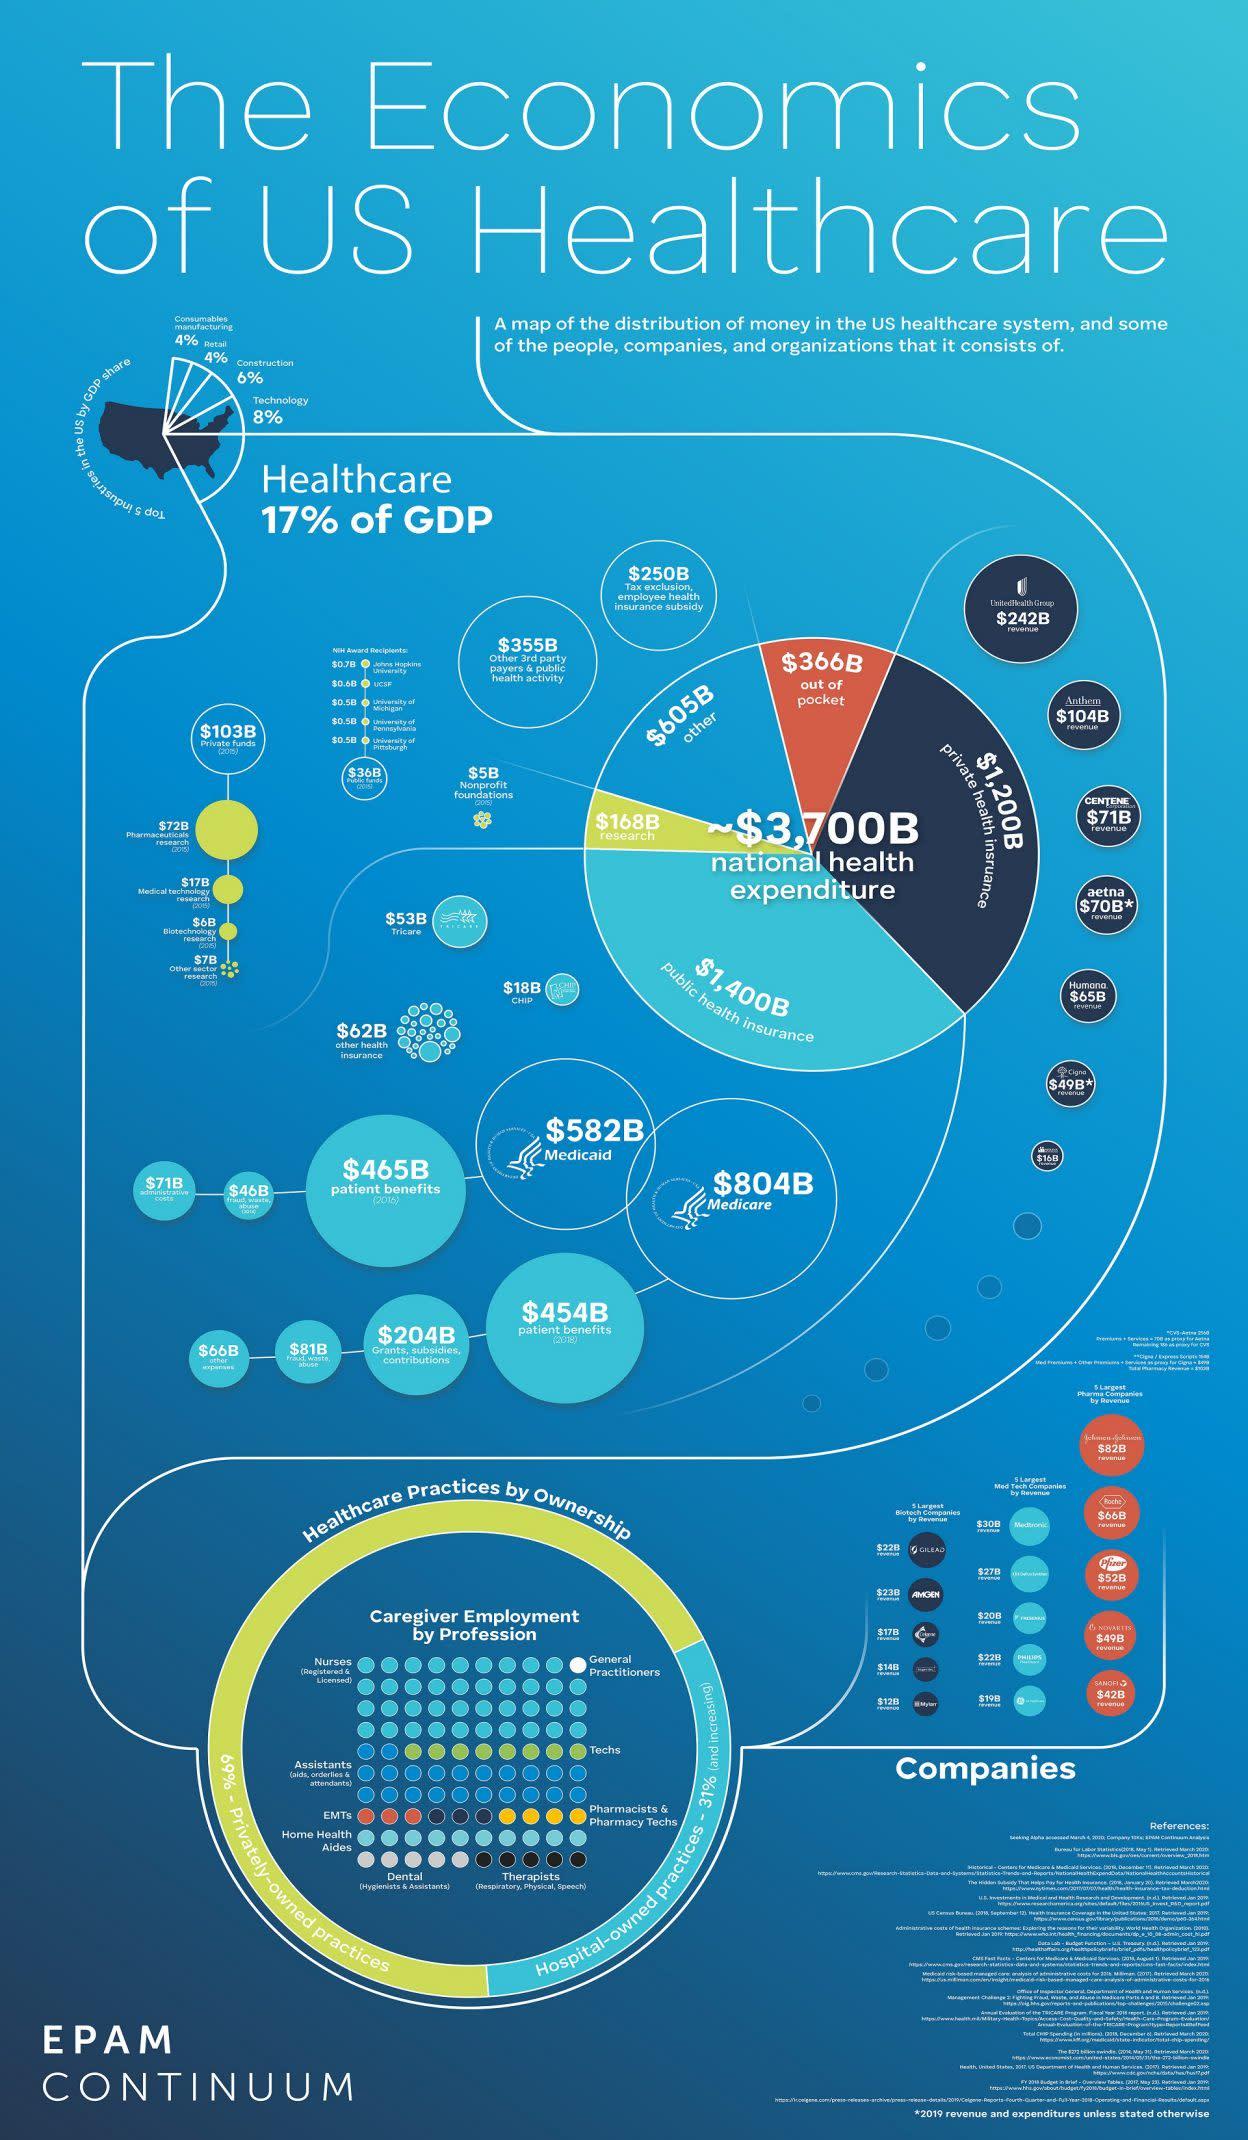 Infographic - The Economics of U.S. Healthcare - EPAM Continuum JUNE 2020